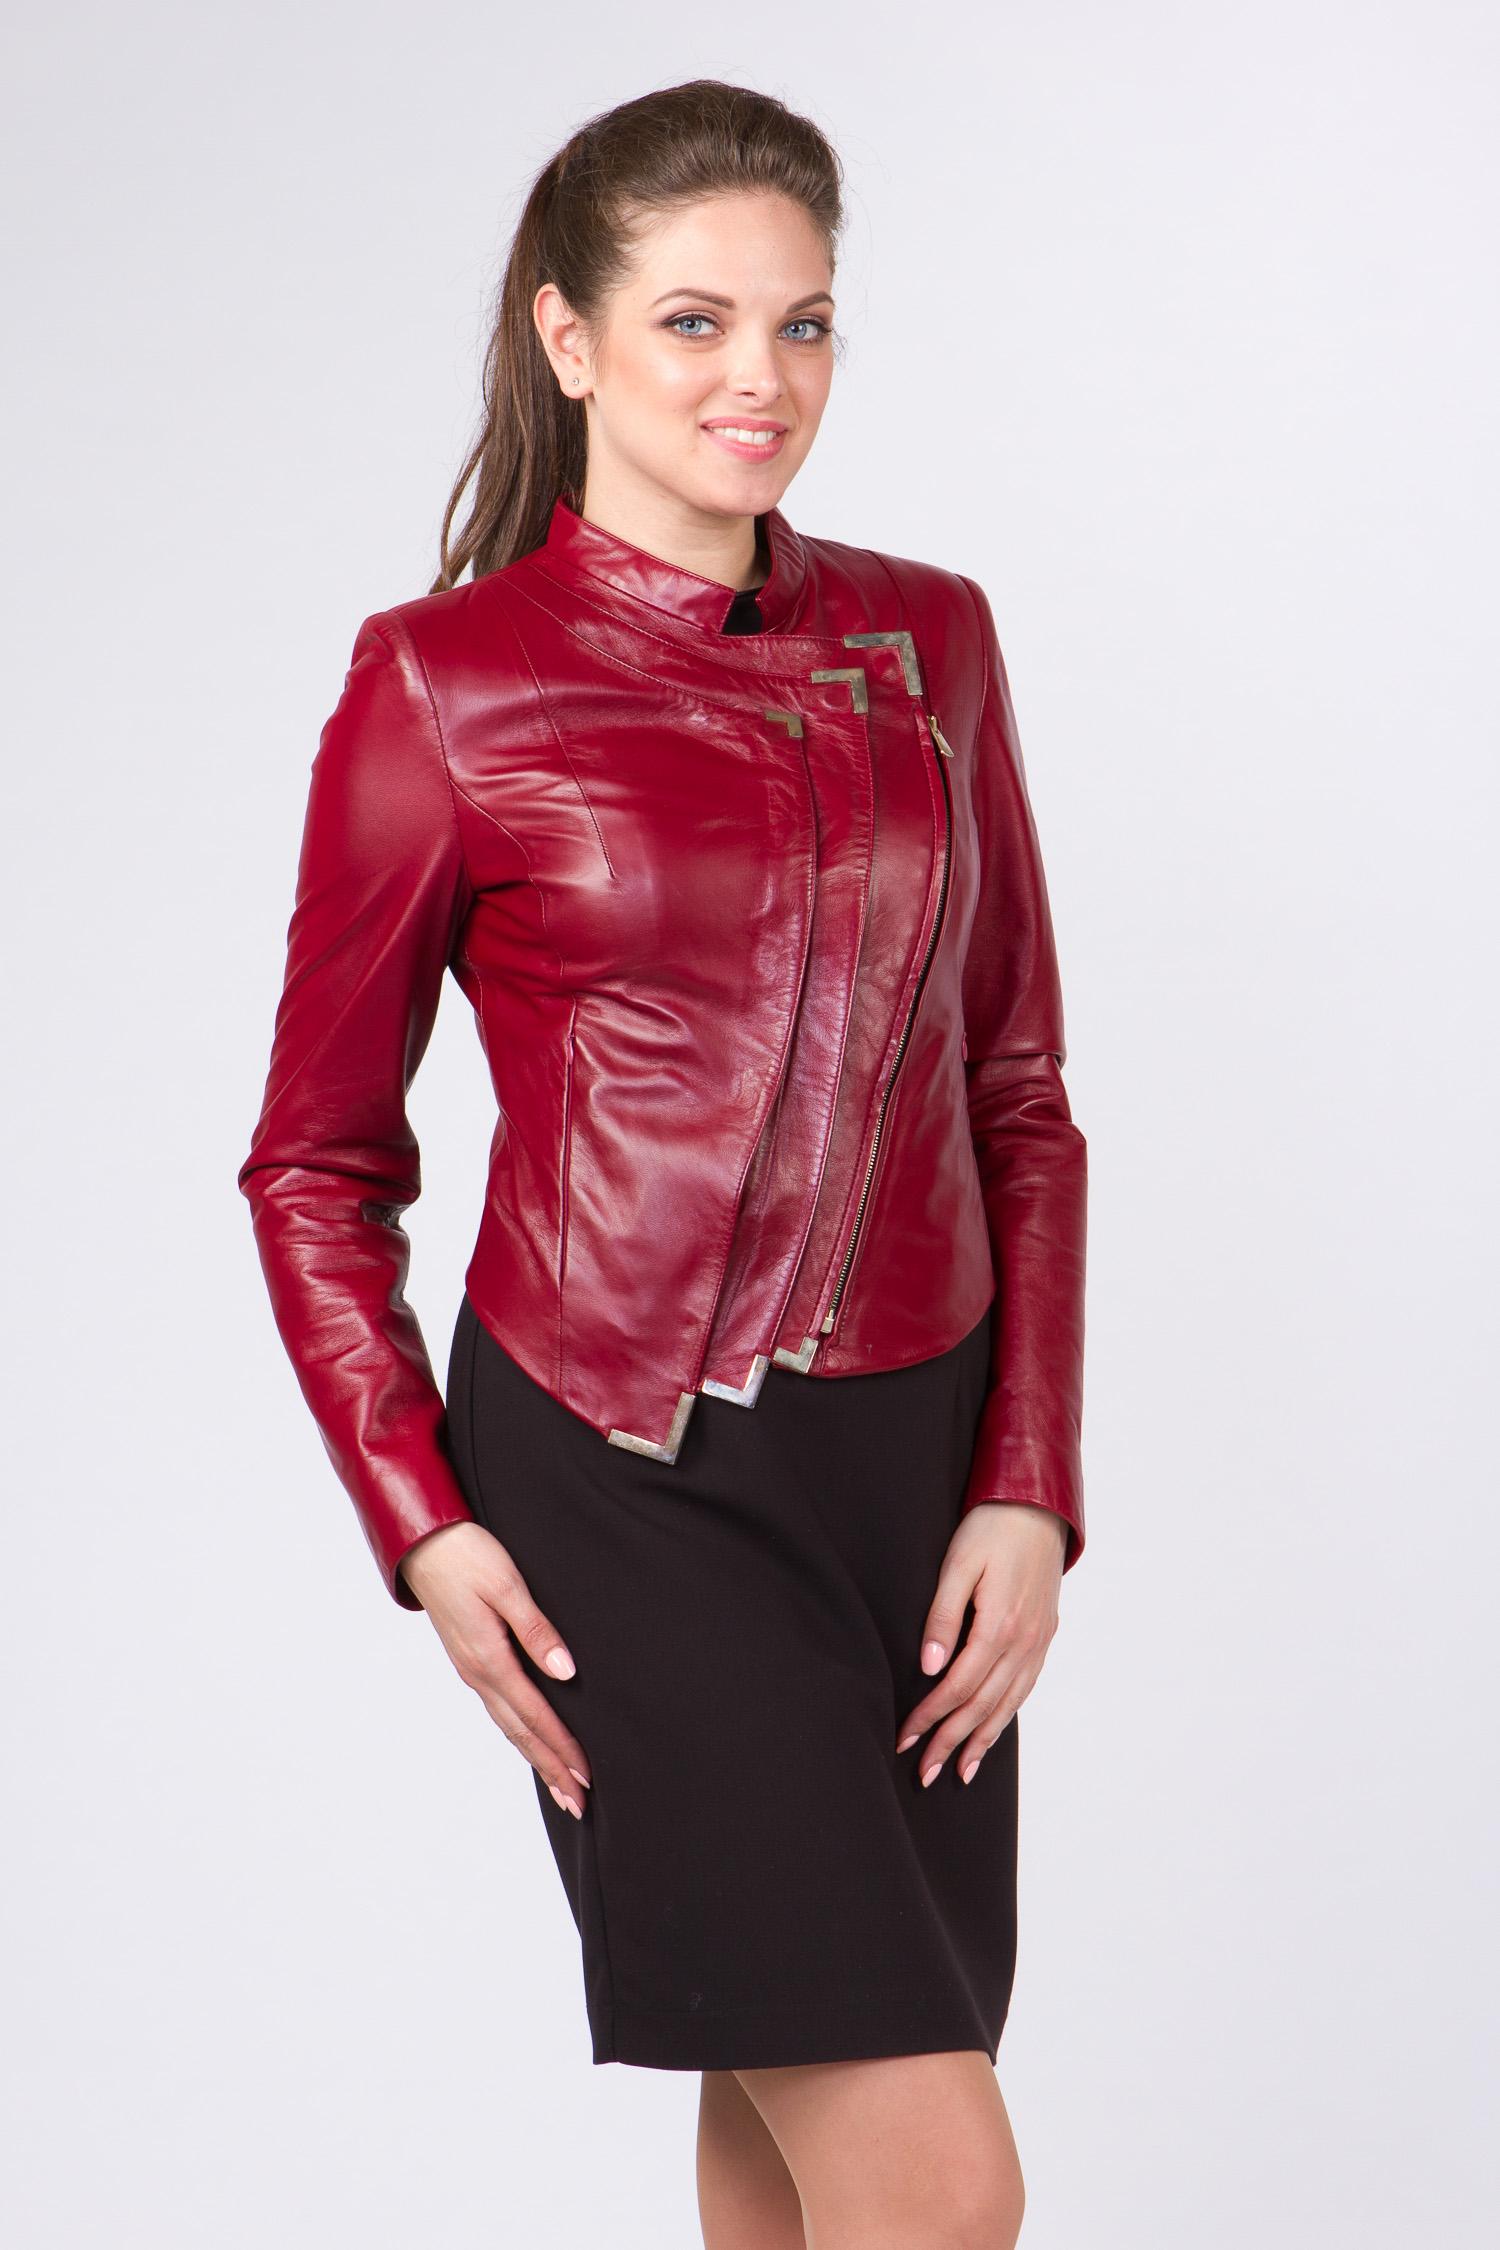 Женская кожаная куртка из натуральной кожи с воротником, без отделки Женская кожаная куртка из натуральной кожи с воротником, без отделки